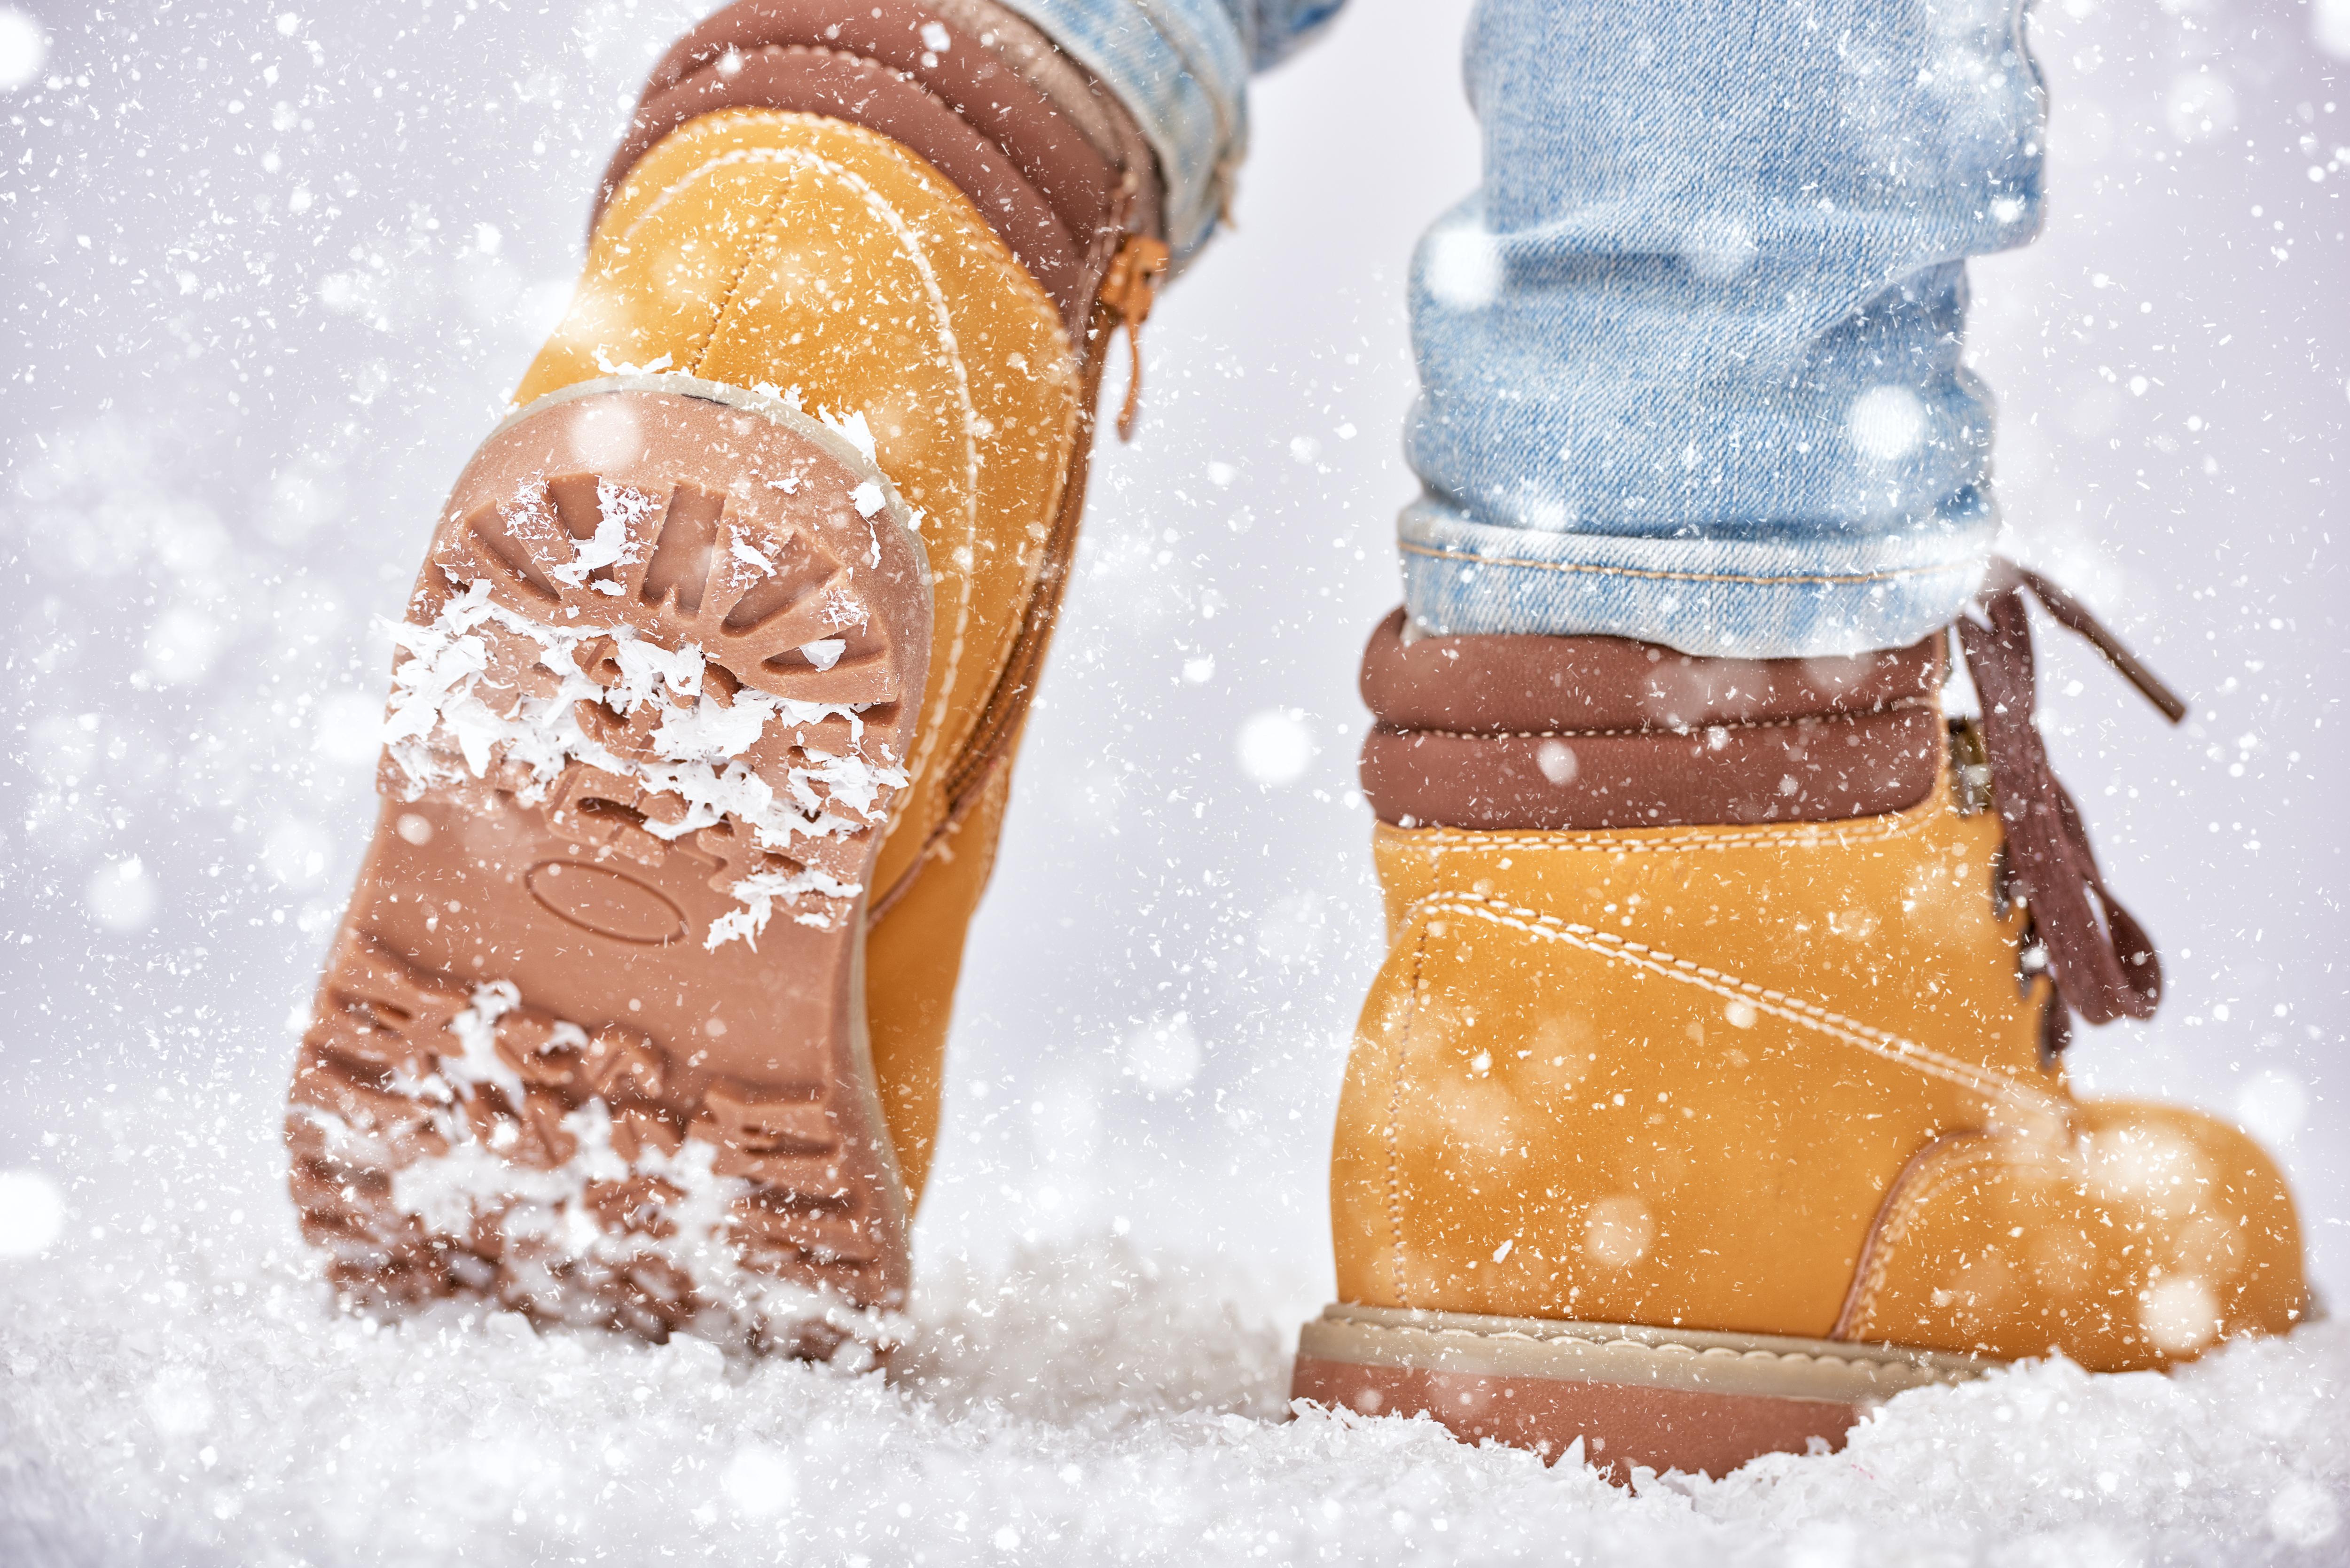 De flesta skosulor på vinterskor är inte utformade för snö och is - tester visar att vinterskor är riktigt usla ur halksynpunkt, enligt forskare.